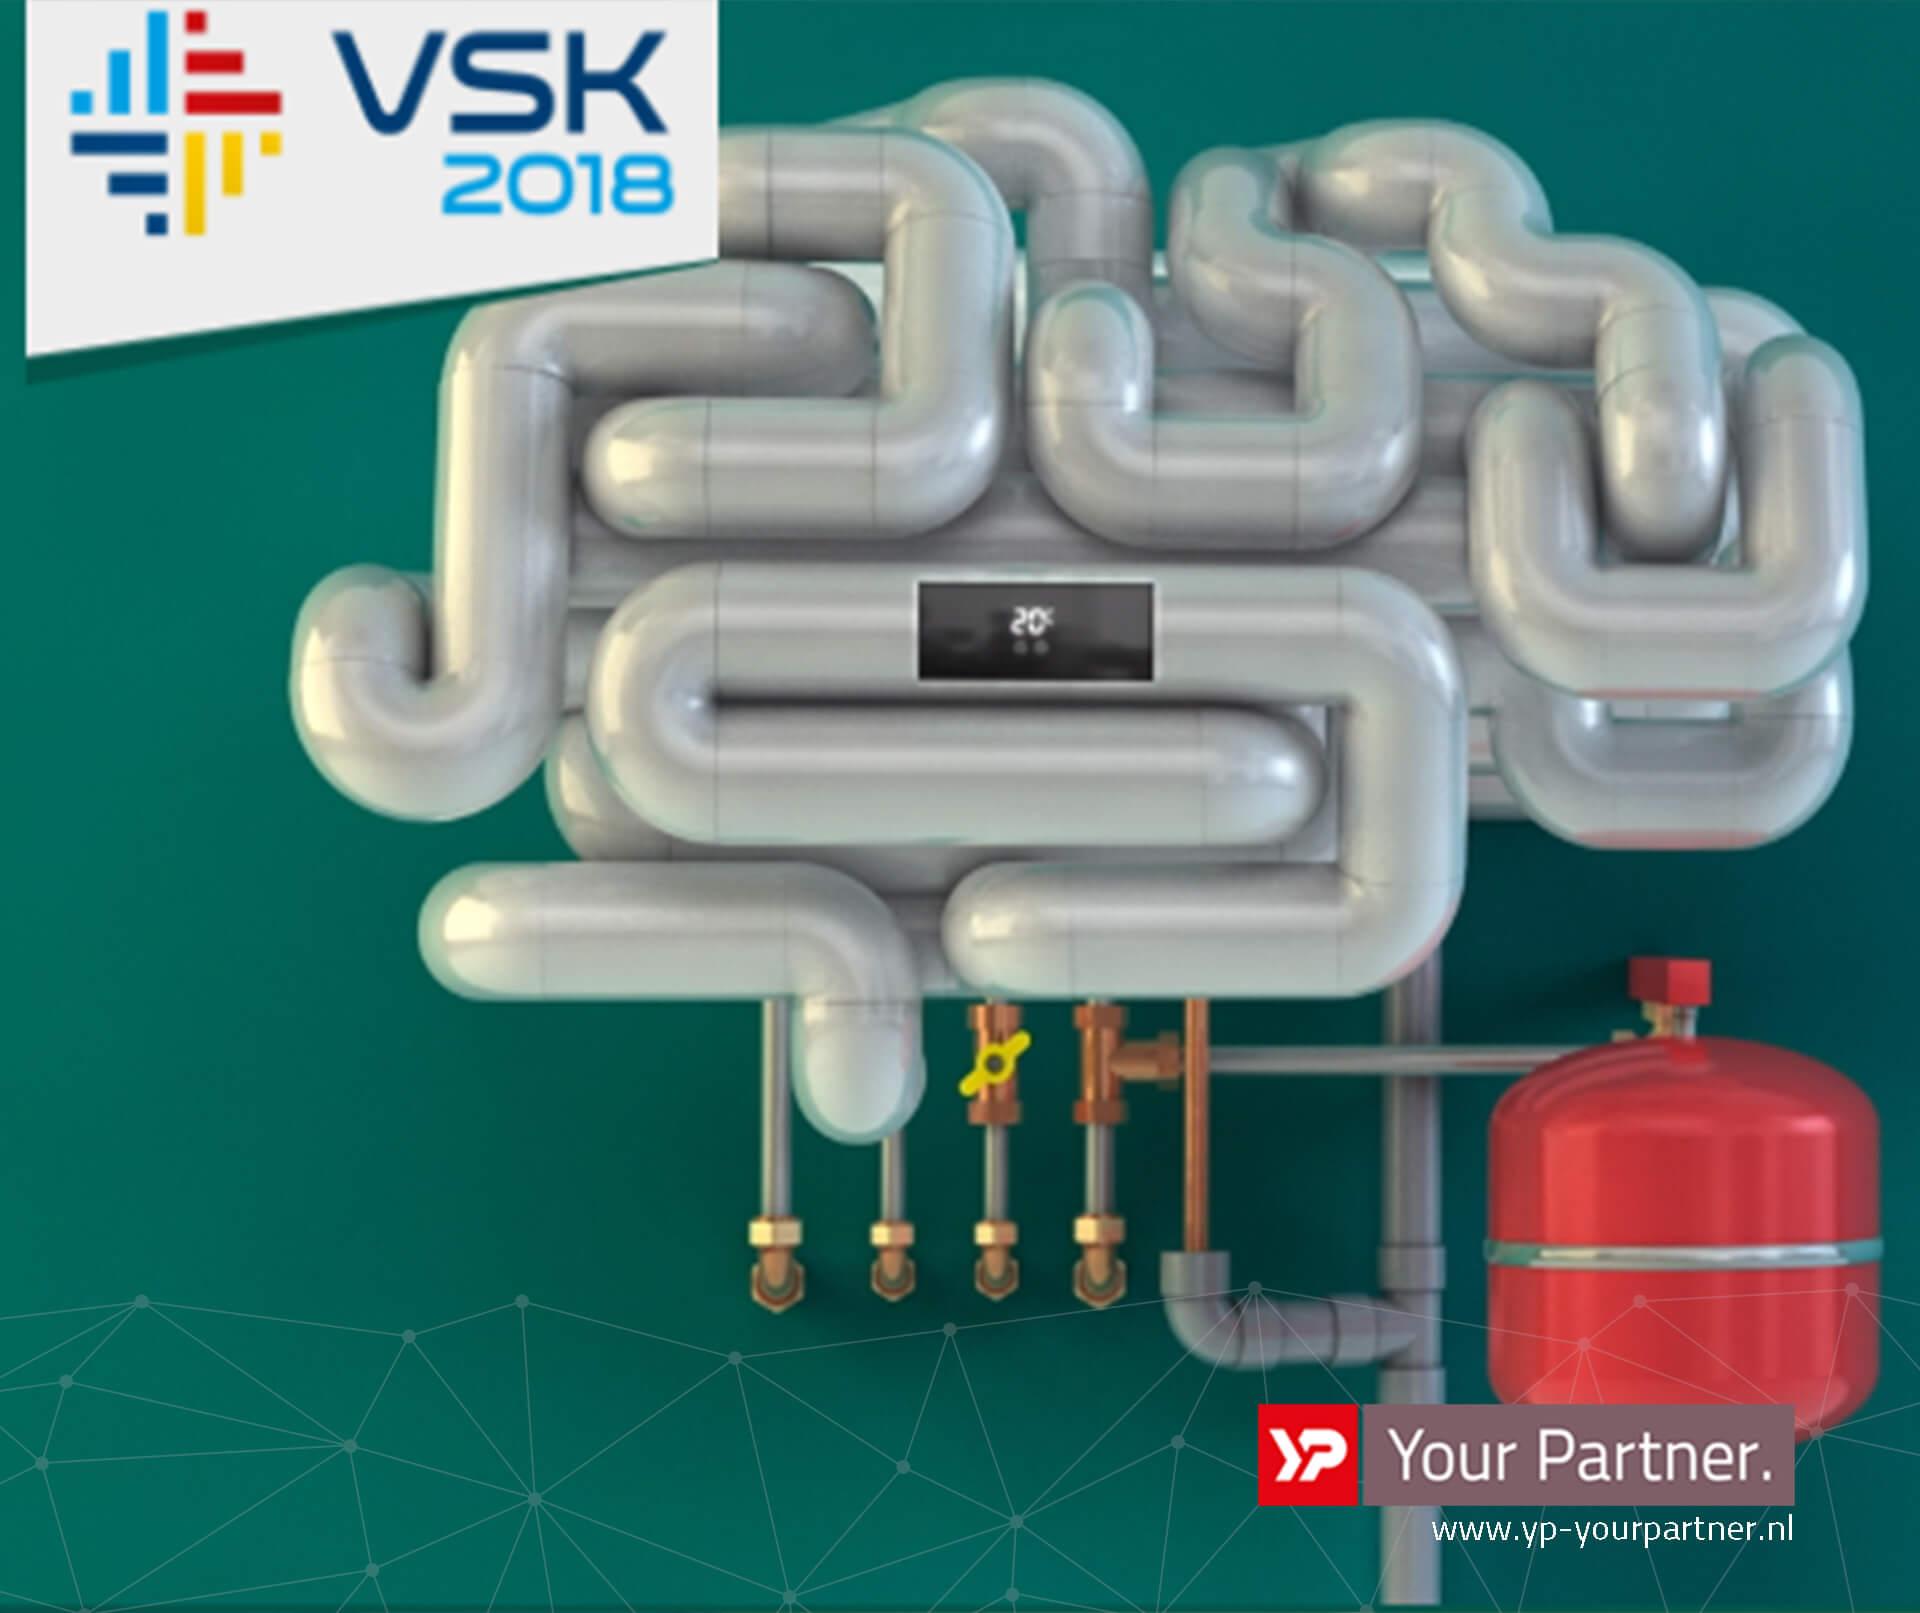 YP Your Partner op installatiebeurs VSK 2018